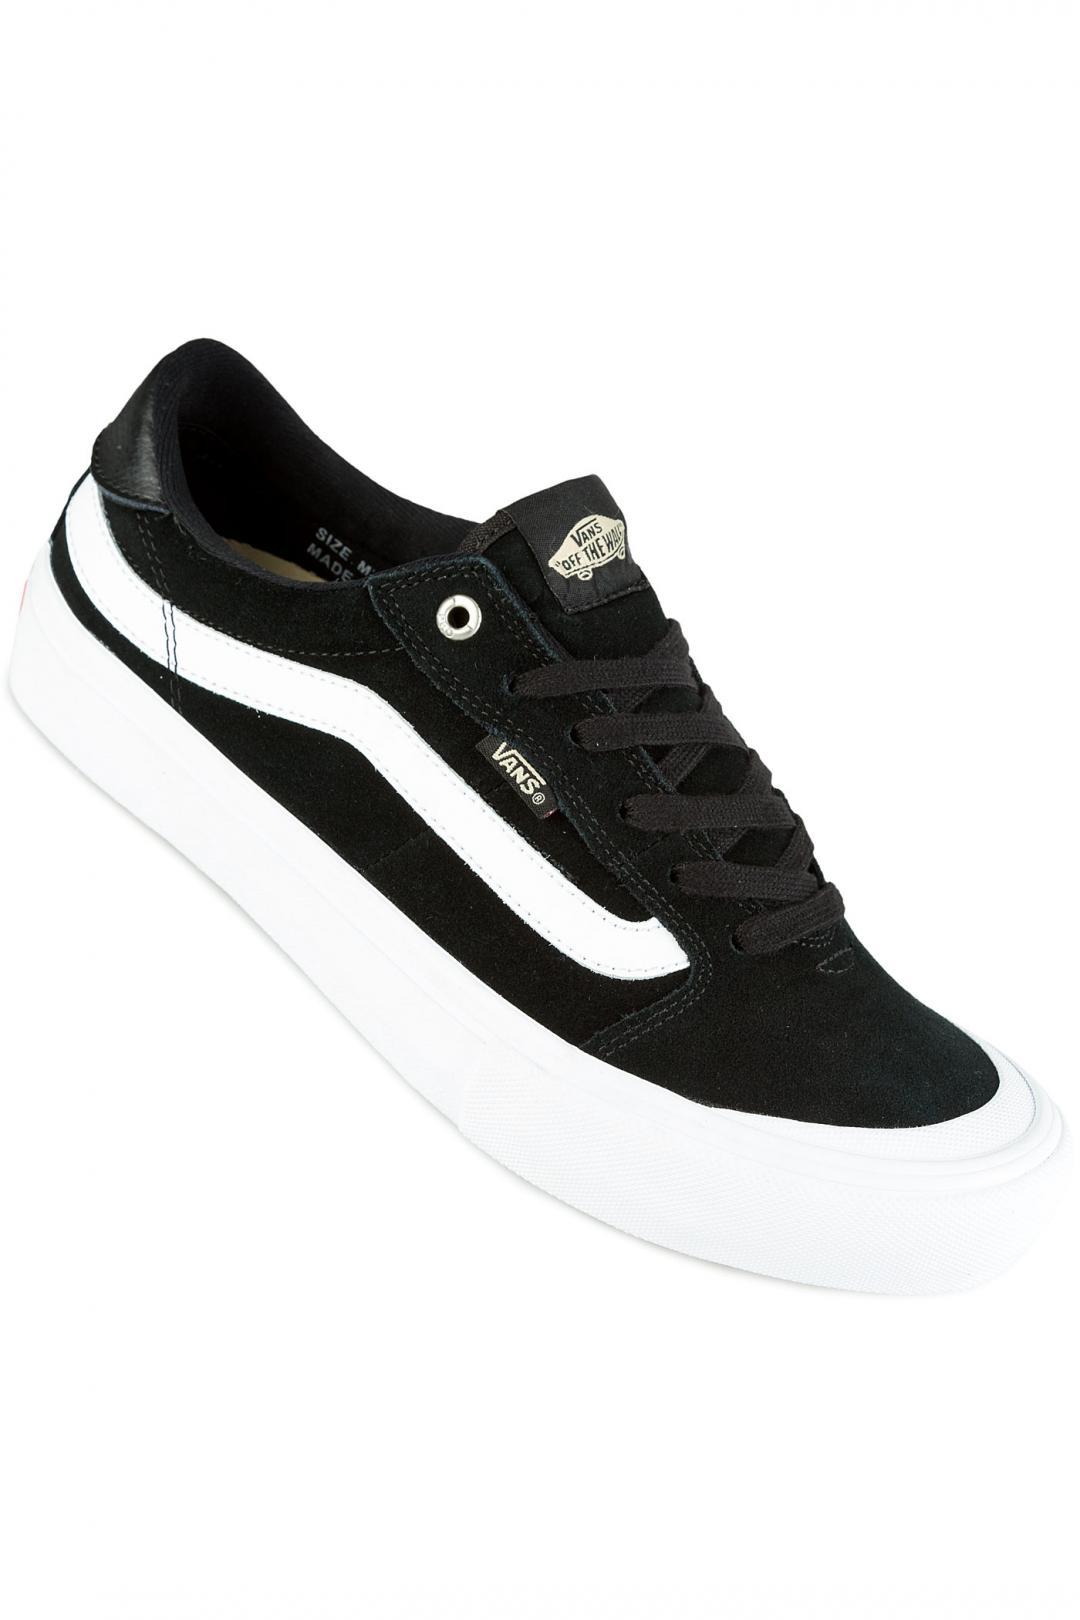 Uomo Vans Style 112 Pro black black white | Scarpe da skate